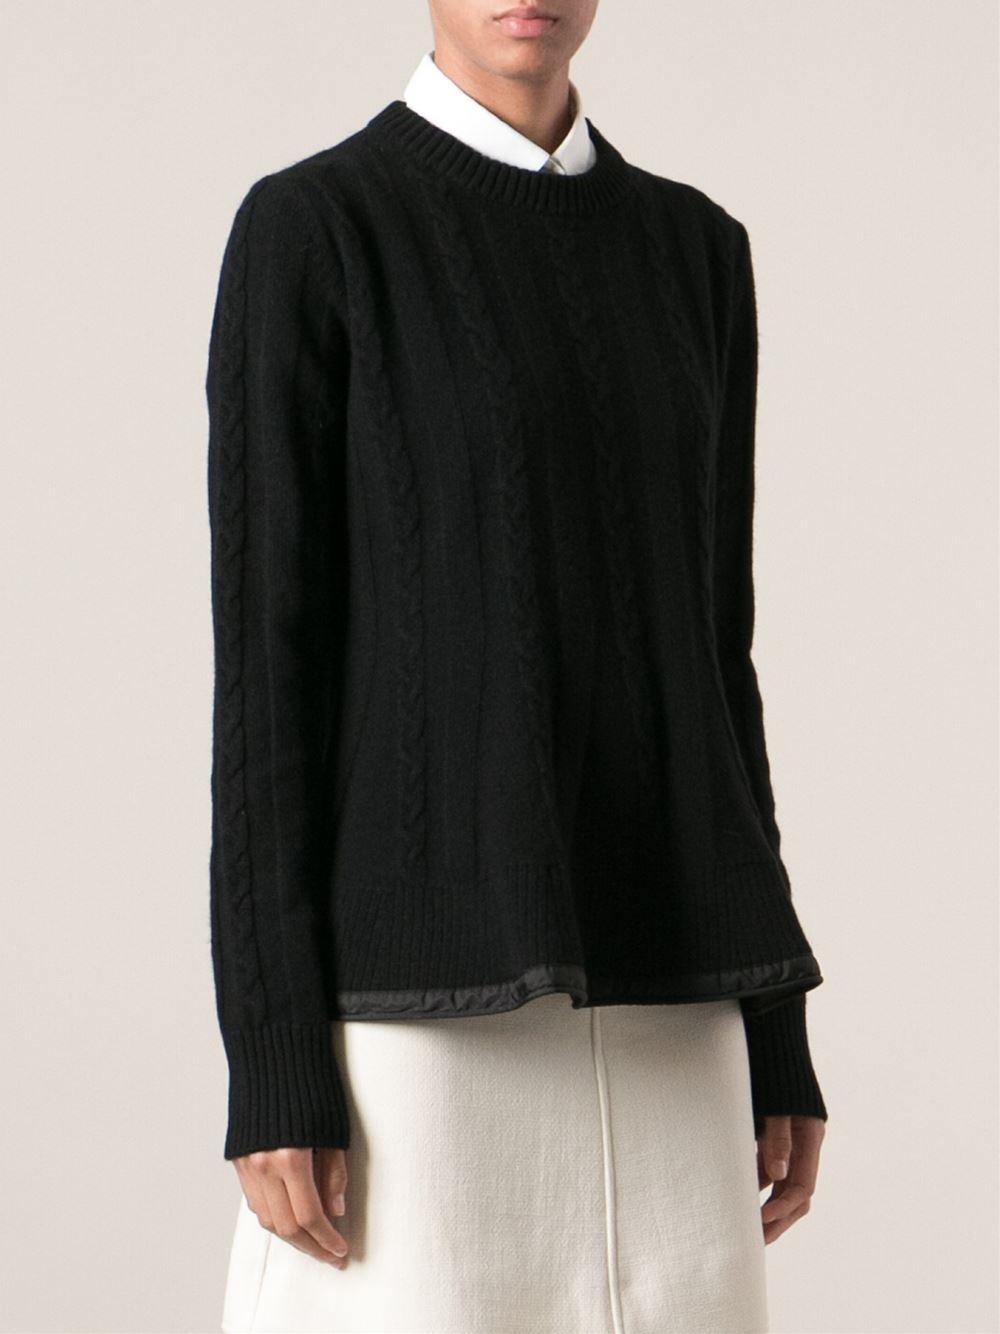 Lyst - Moncler Aran Knit Sweater in Black